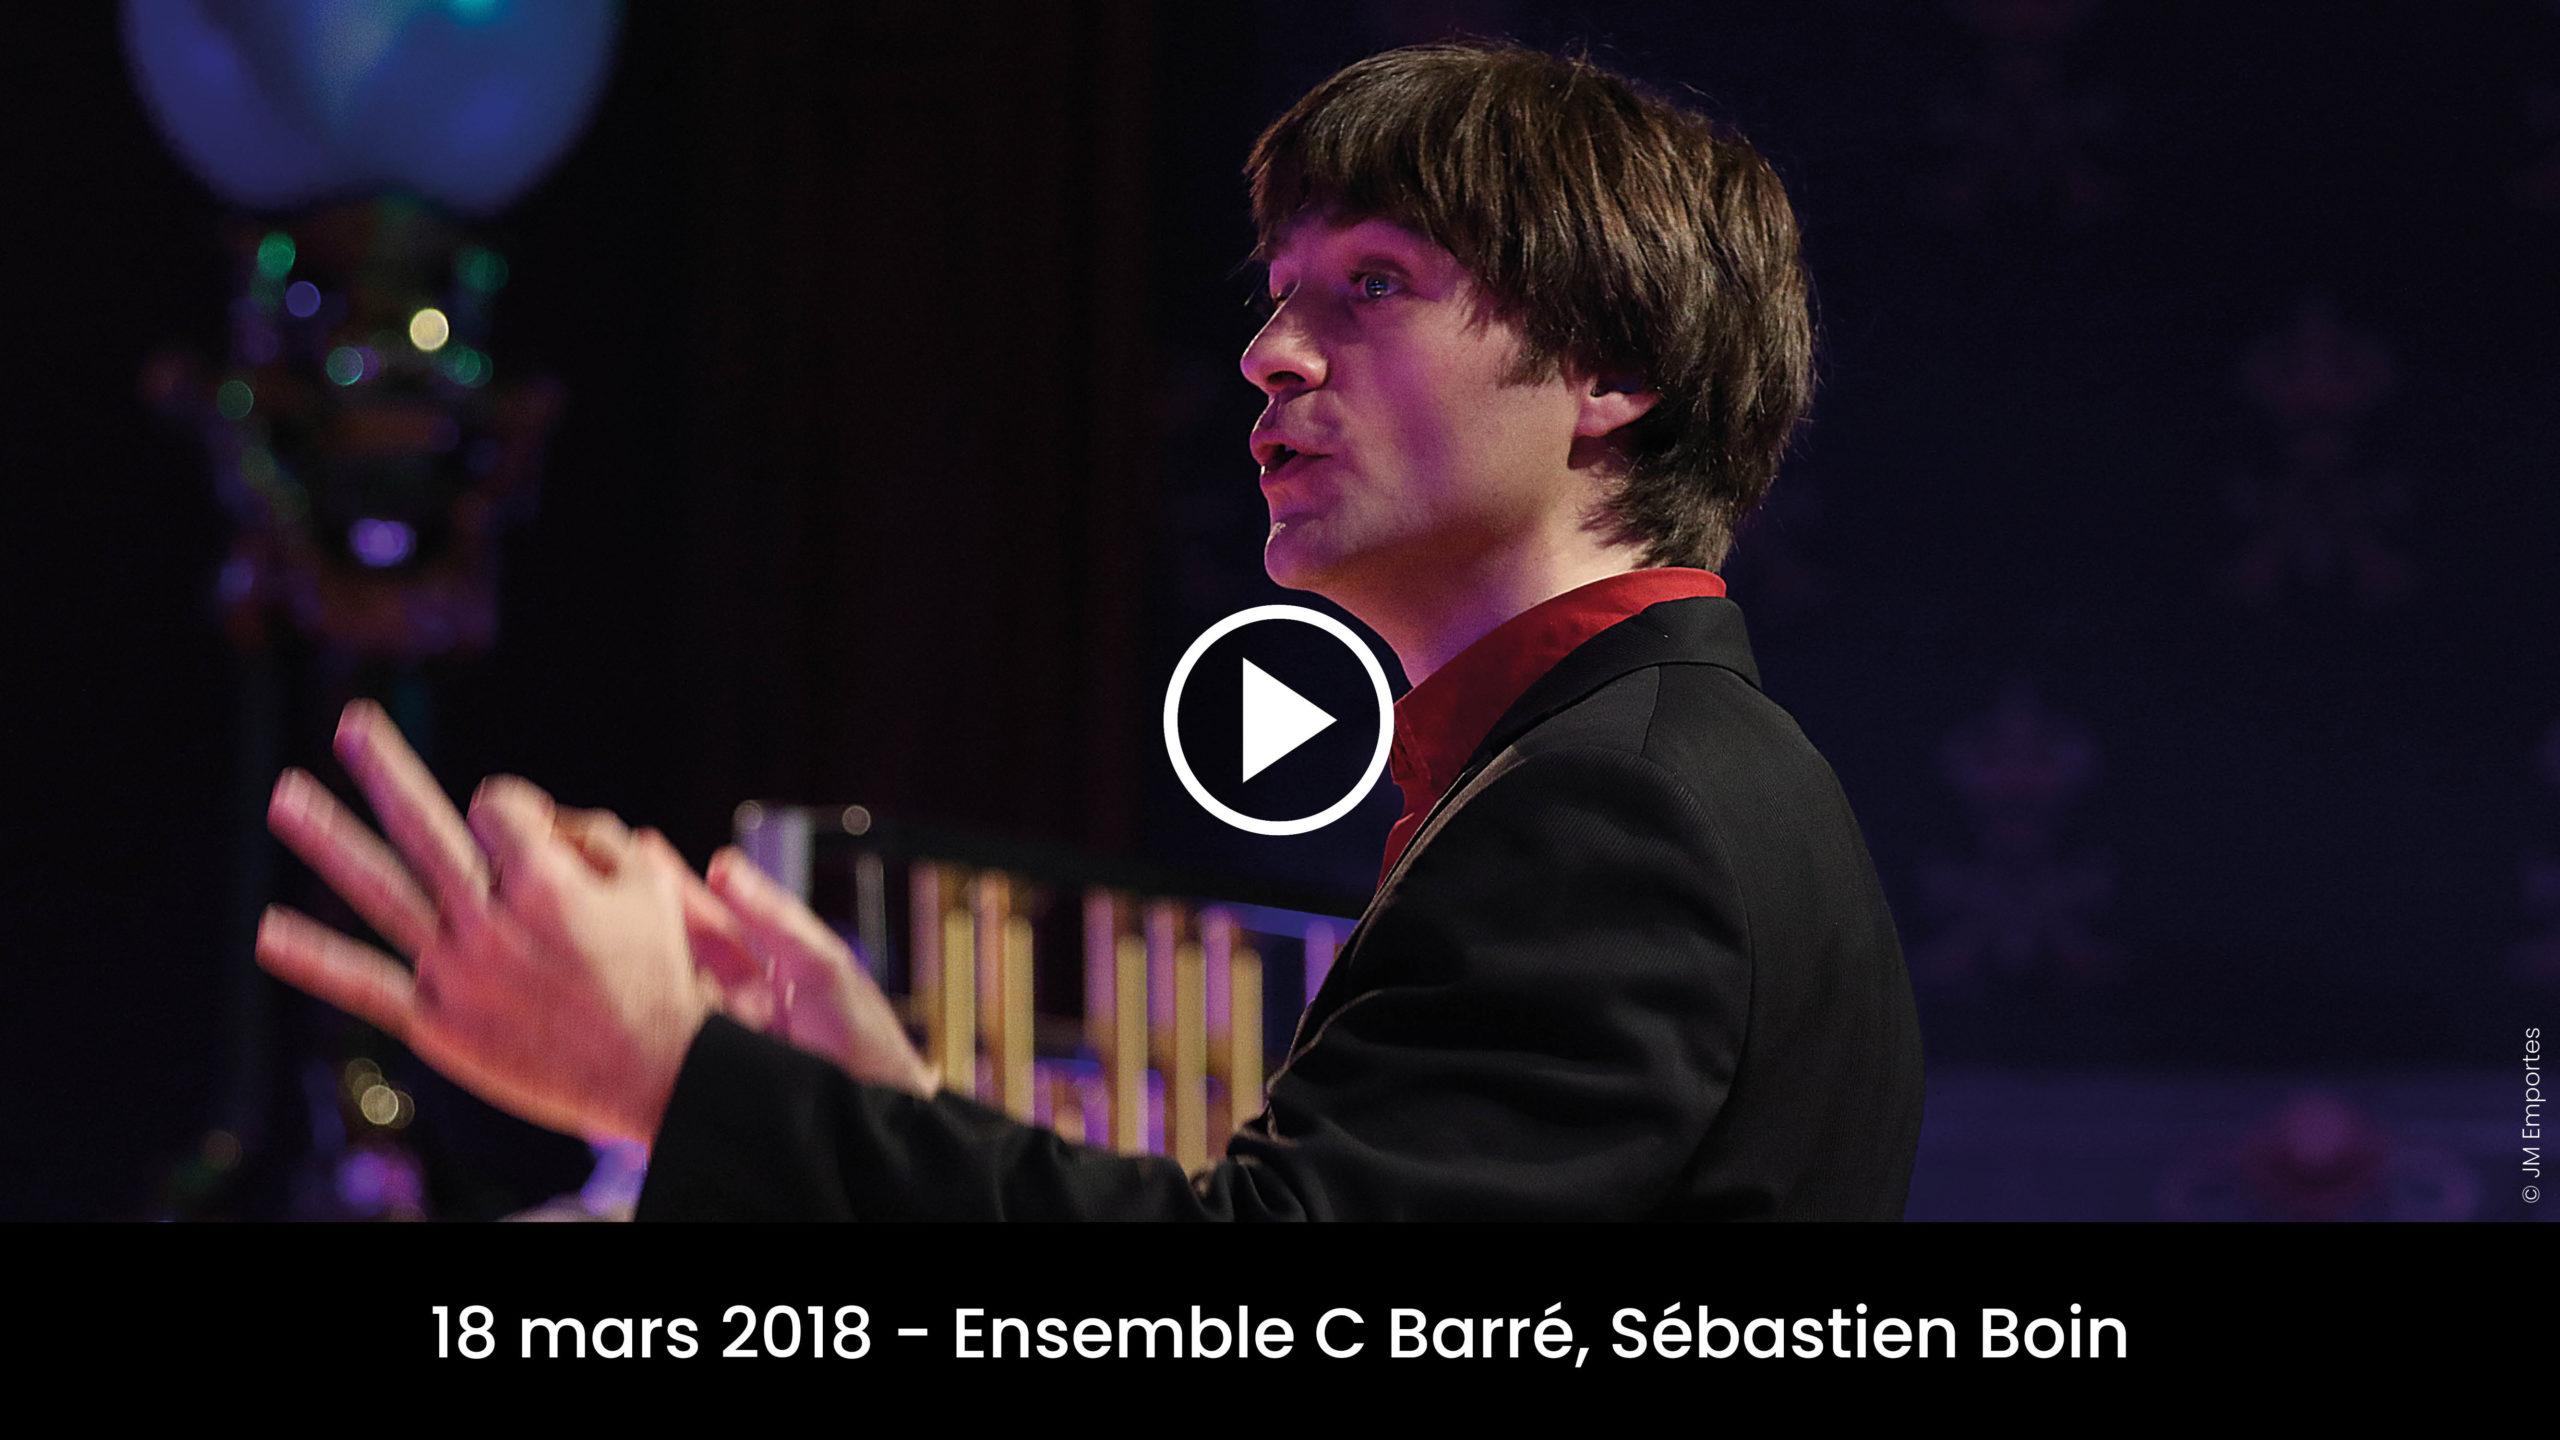 Ensemble C Barré, Sébastien Boin